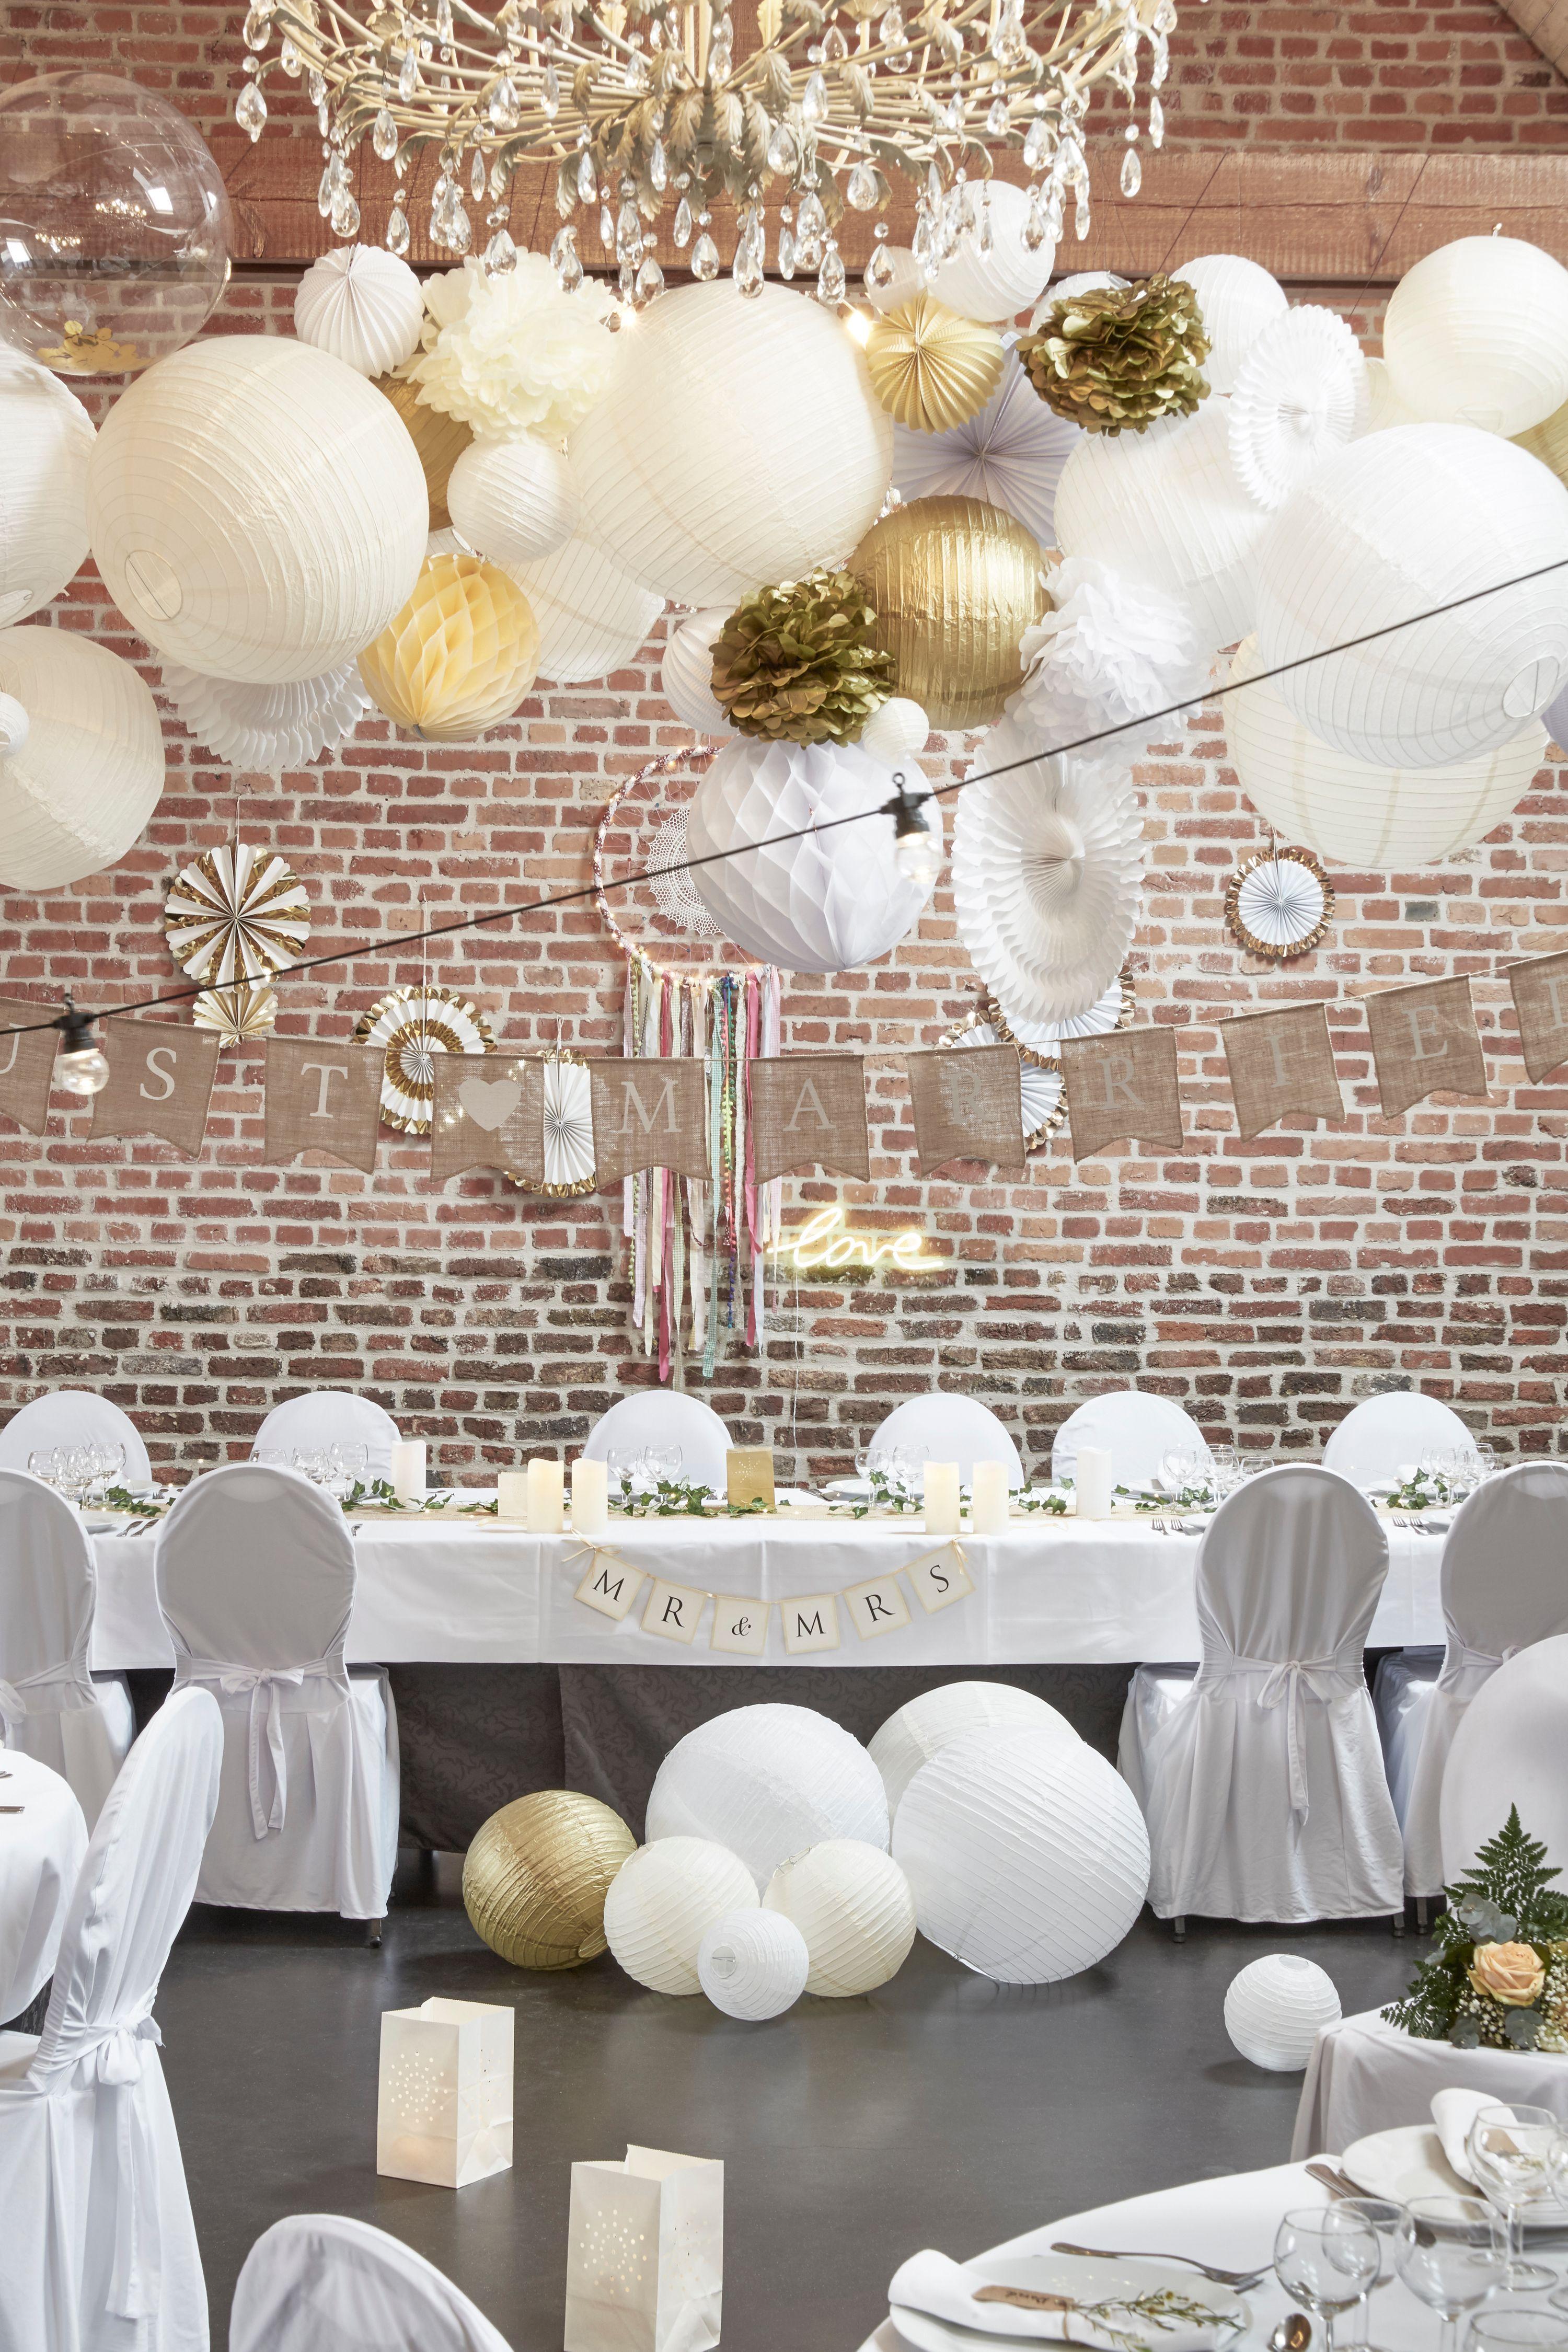 d co mariage champ tre guirlande fanion jute just married boules papier ivoire blanc or. Black Bedroom Furniture Sets. Home Design Ideas